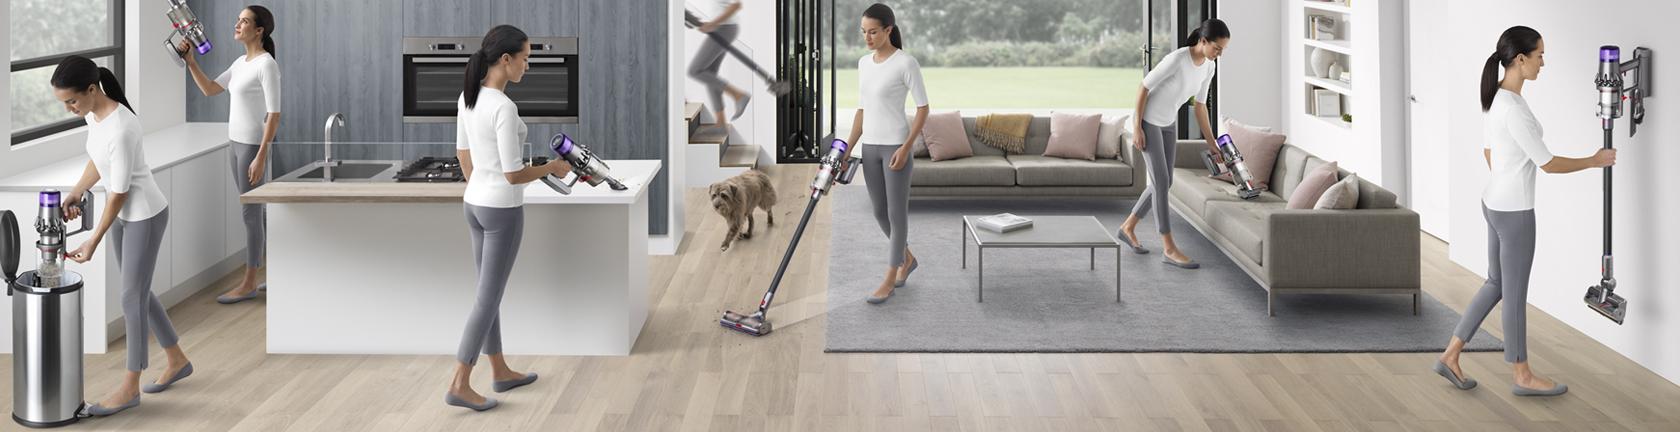 aspirateur est utilisé par la femme pour nettoyer la maison